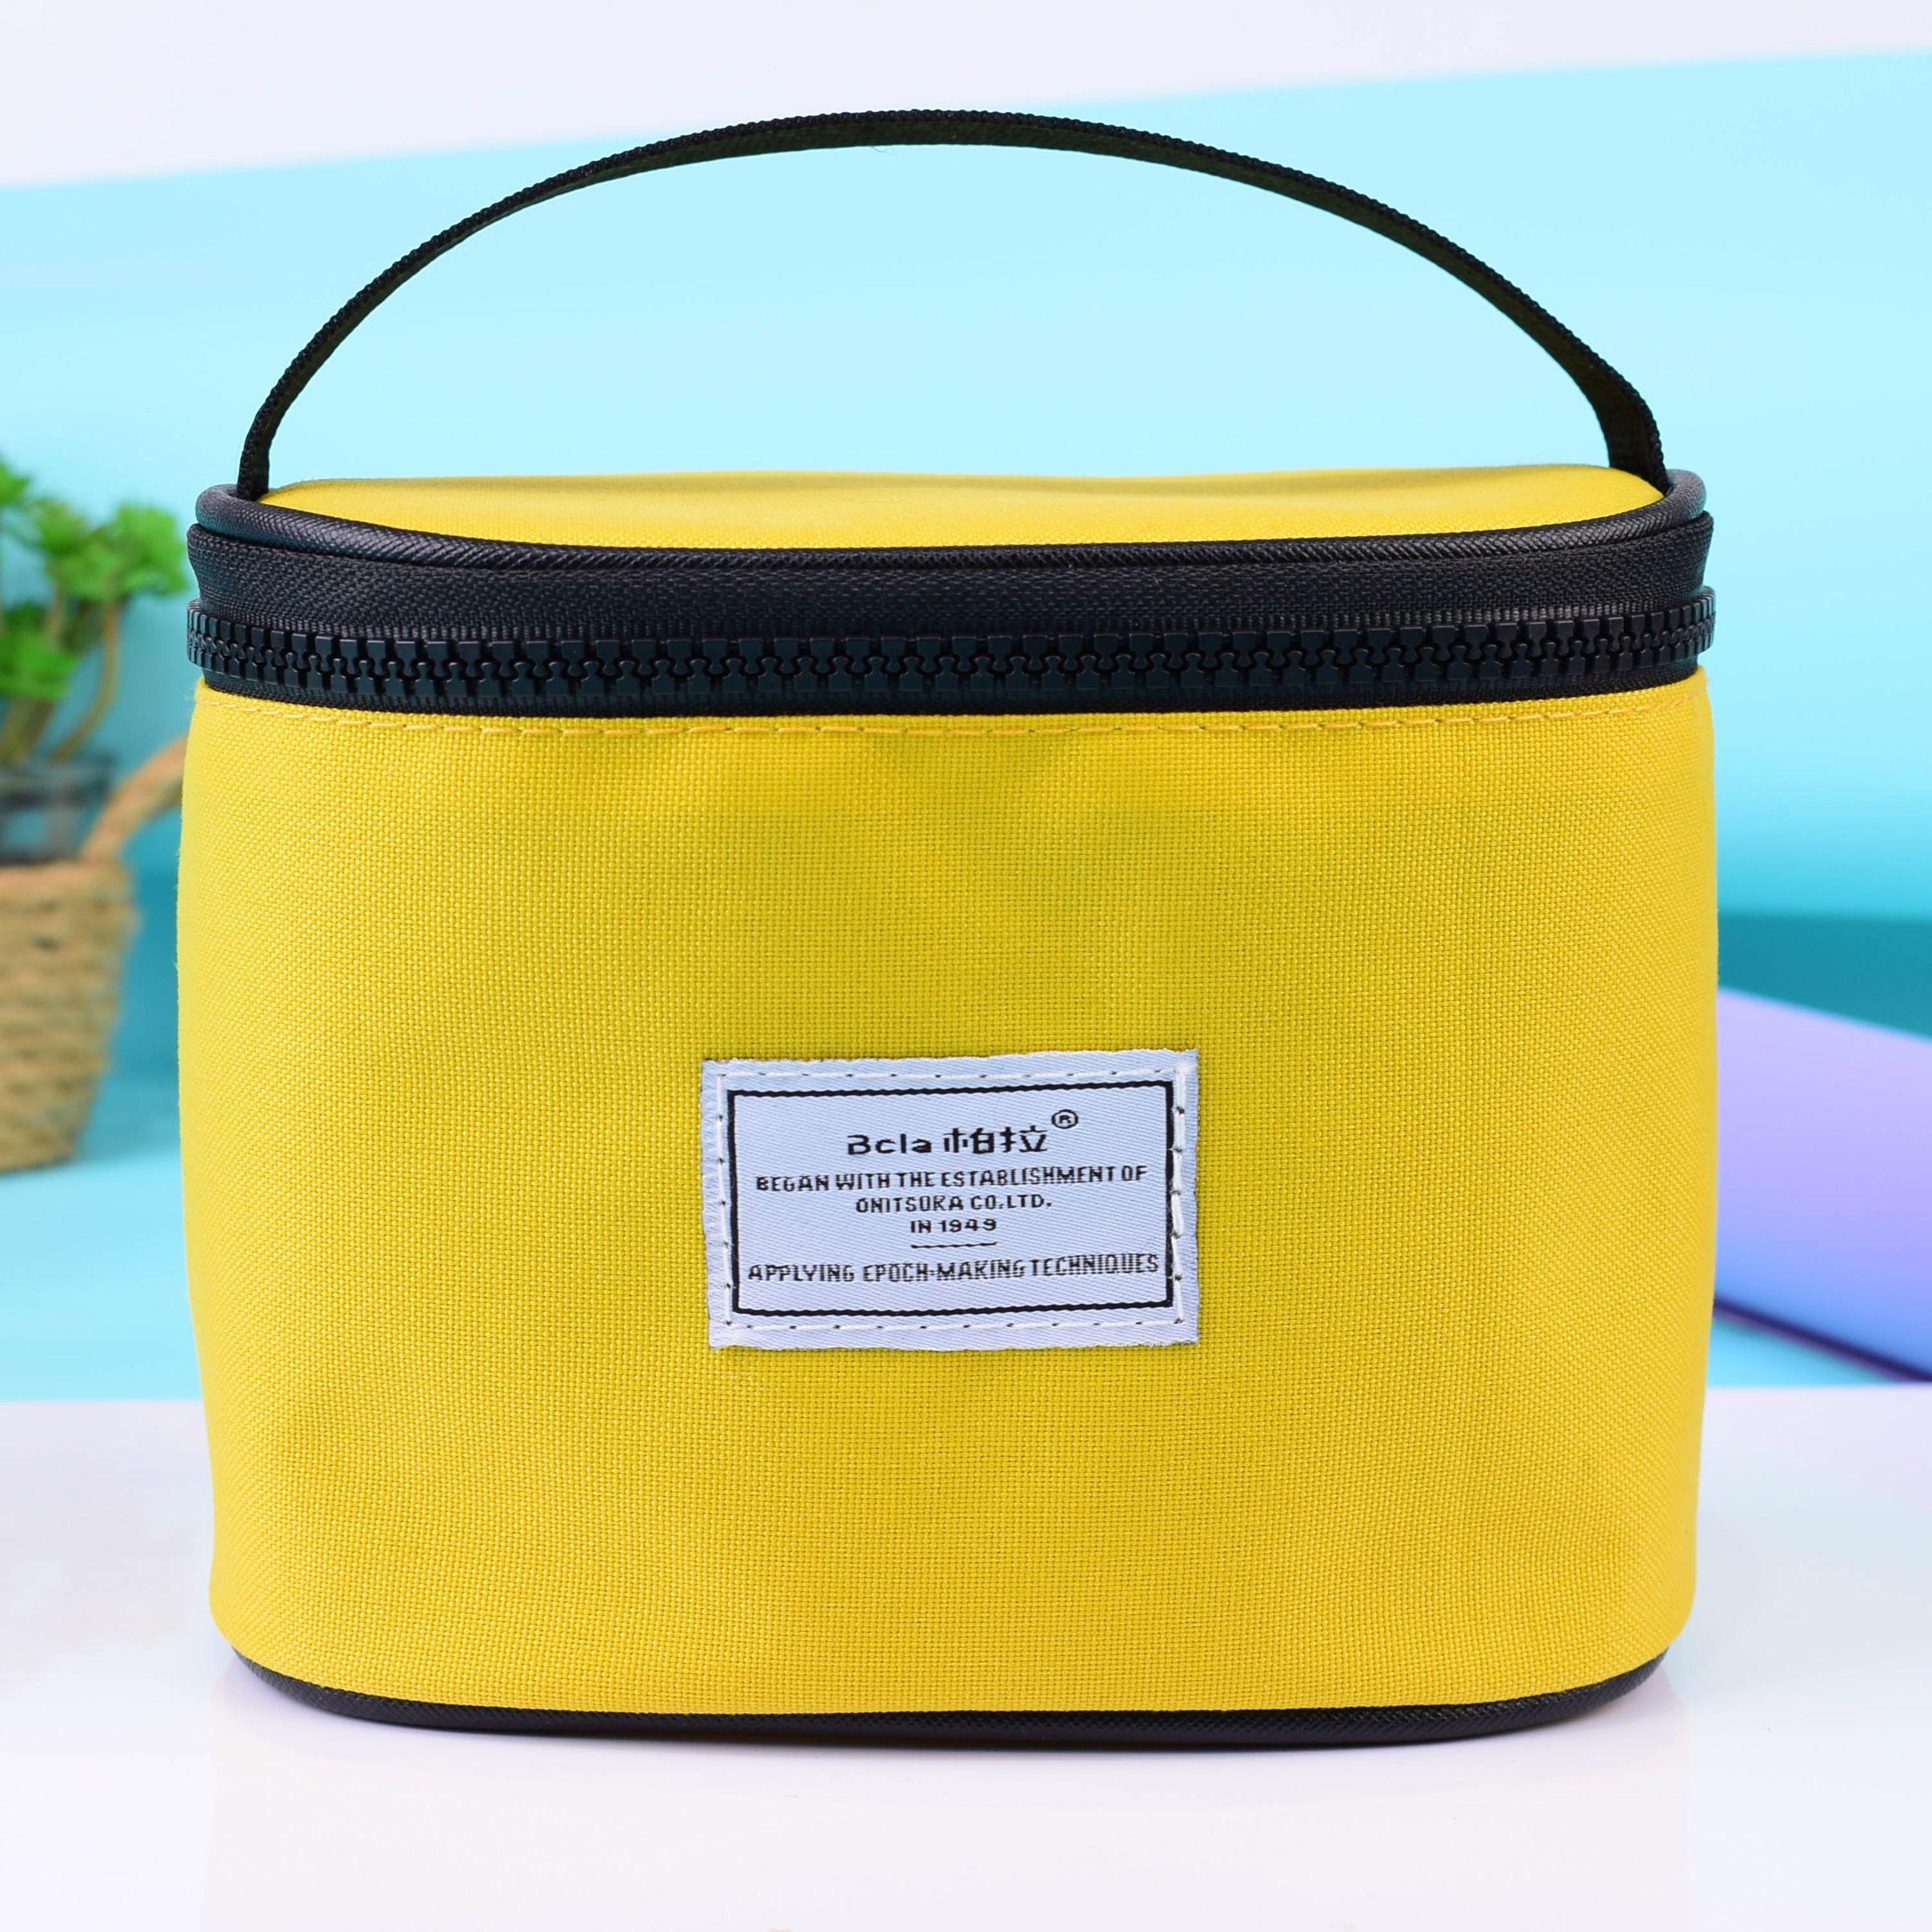 厂家直销可定制多色防水尼龙圆筒收纳袋时尚手提便携化妆包